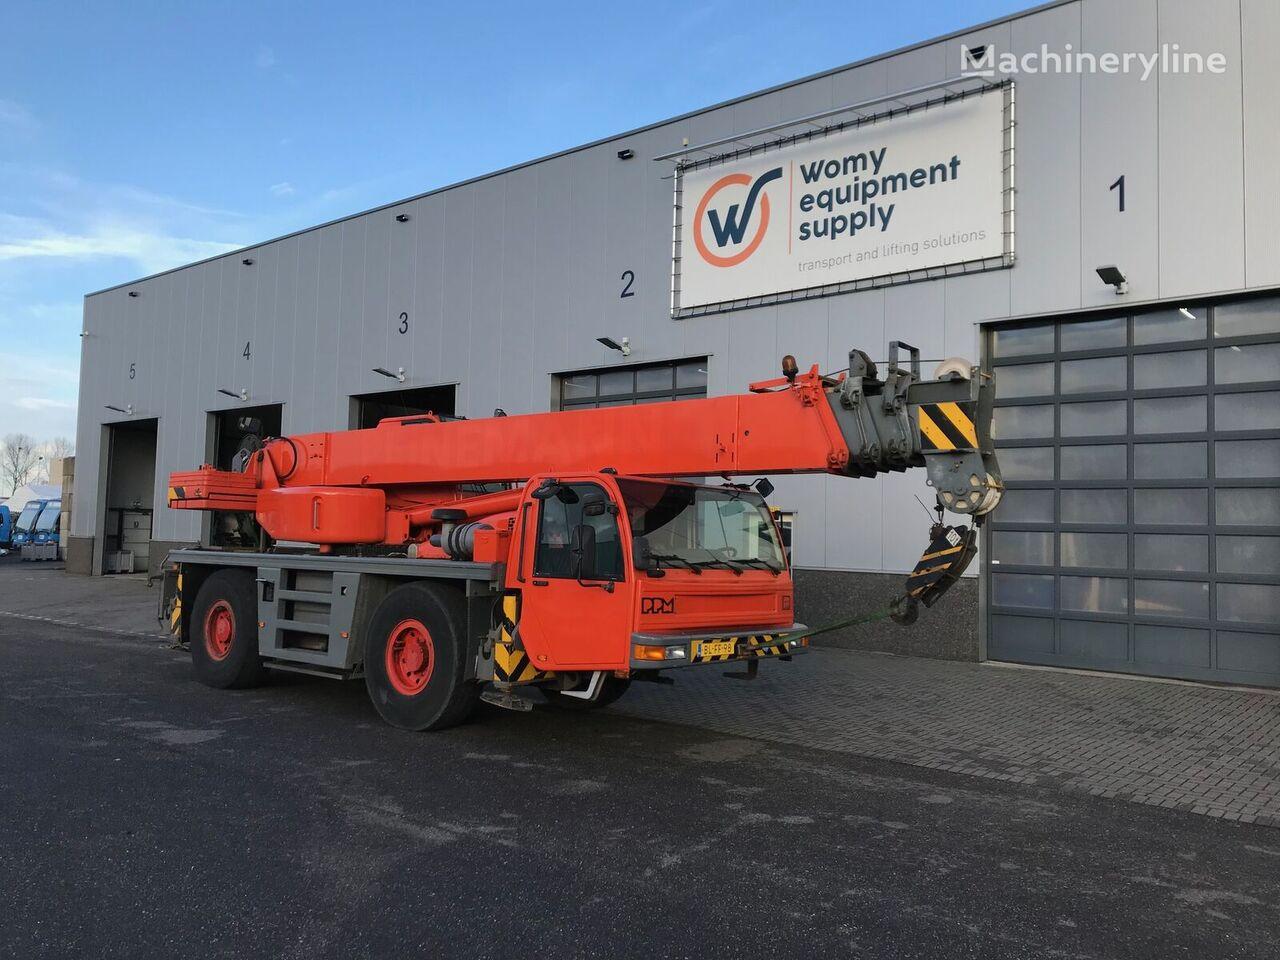 TEREX PPM ATT400 mobile crane